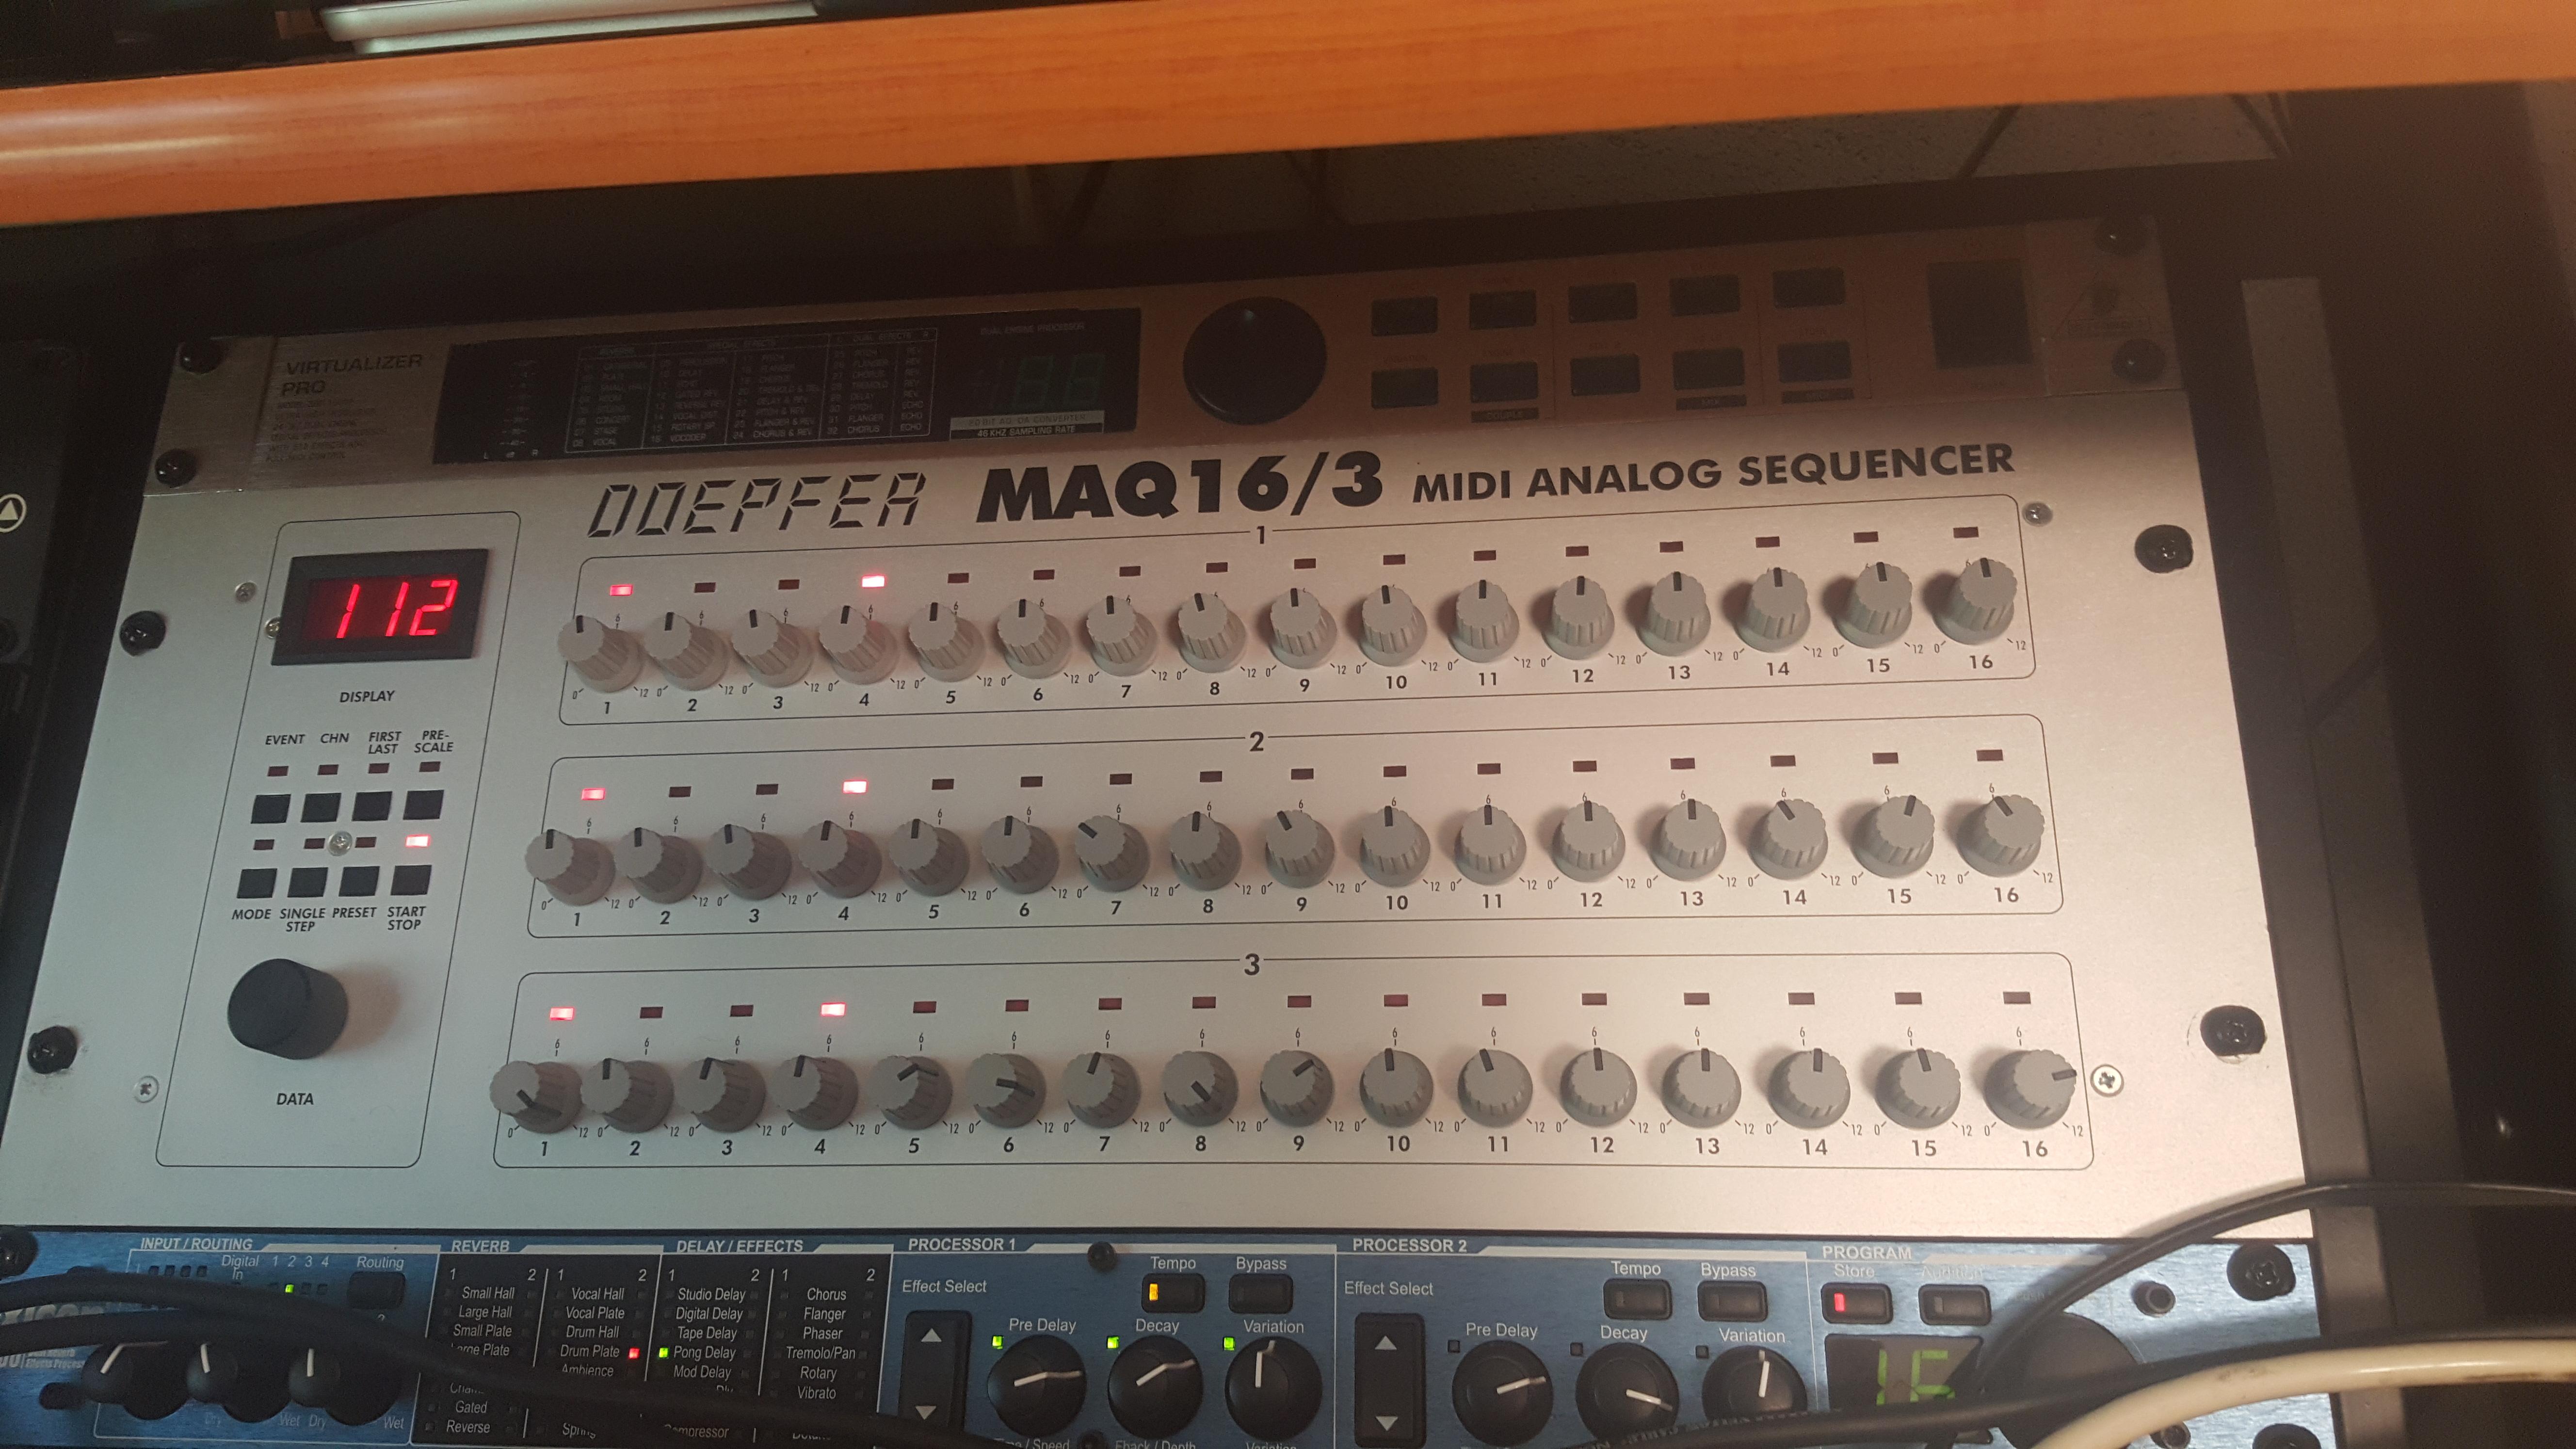 maq16  3 - doepfer maq16  3